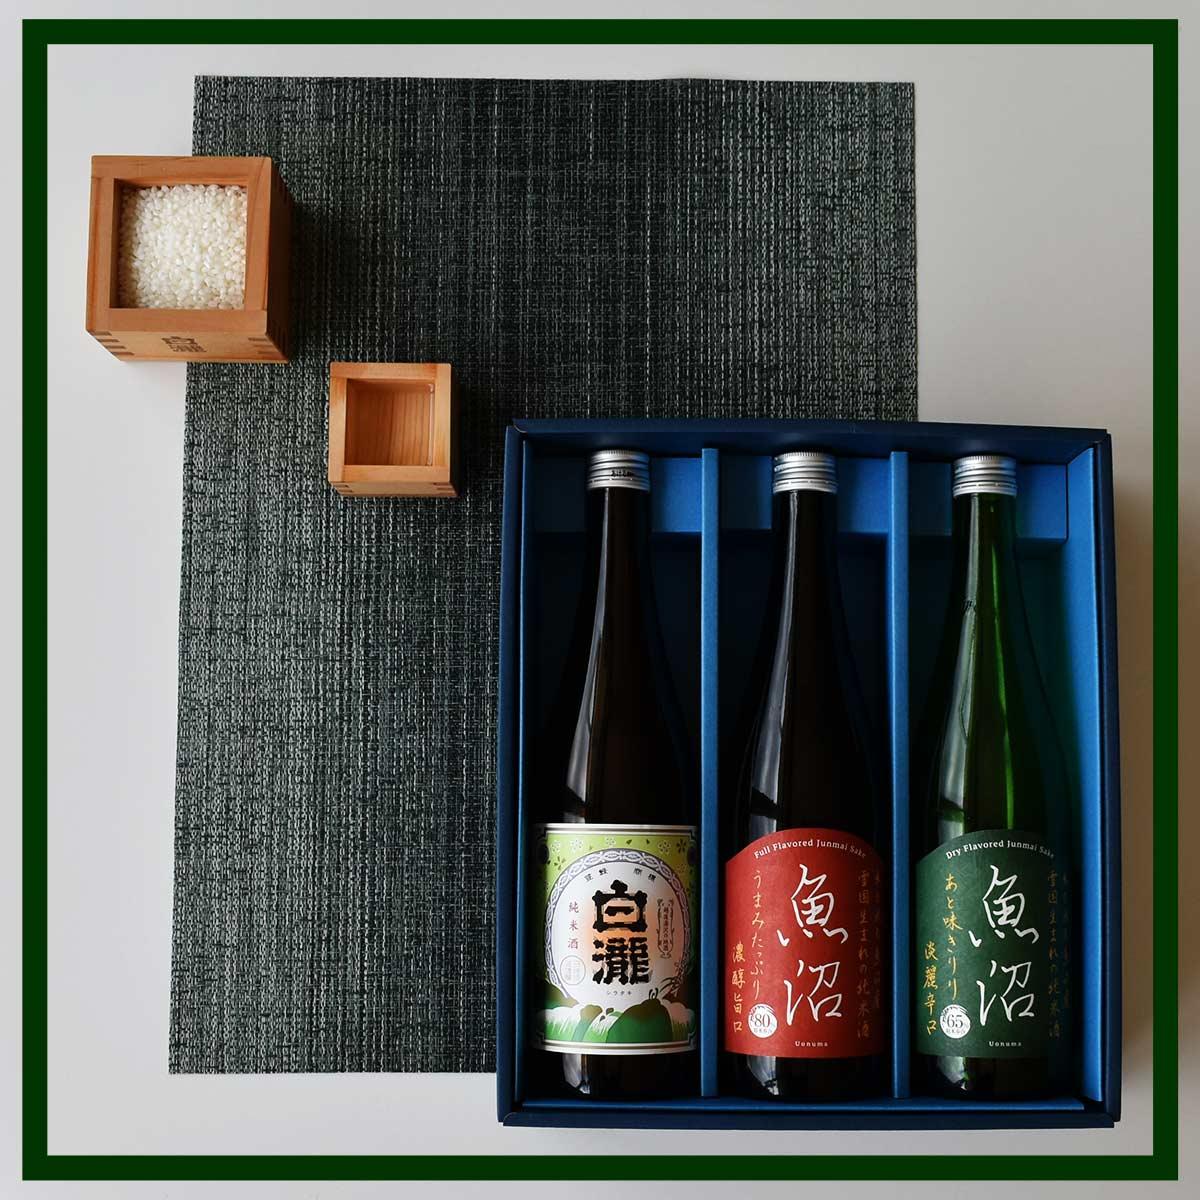 純米酒ギフトセット 720ml×3本入り ※9/6出荷開始